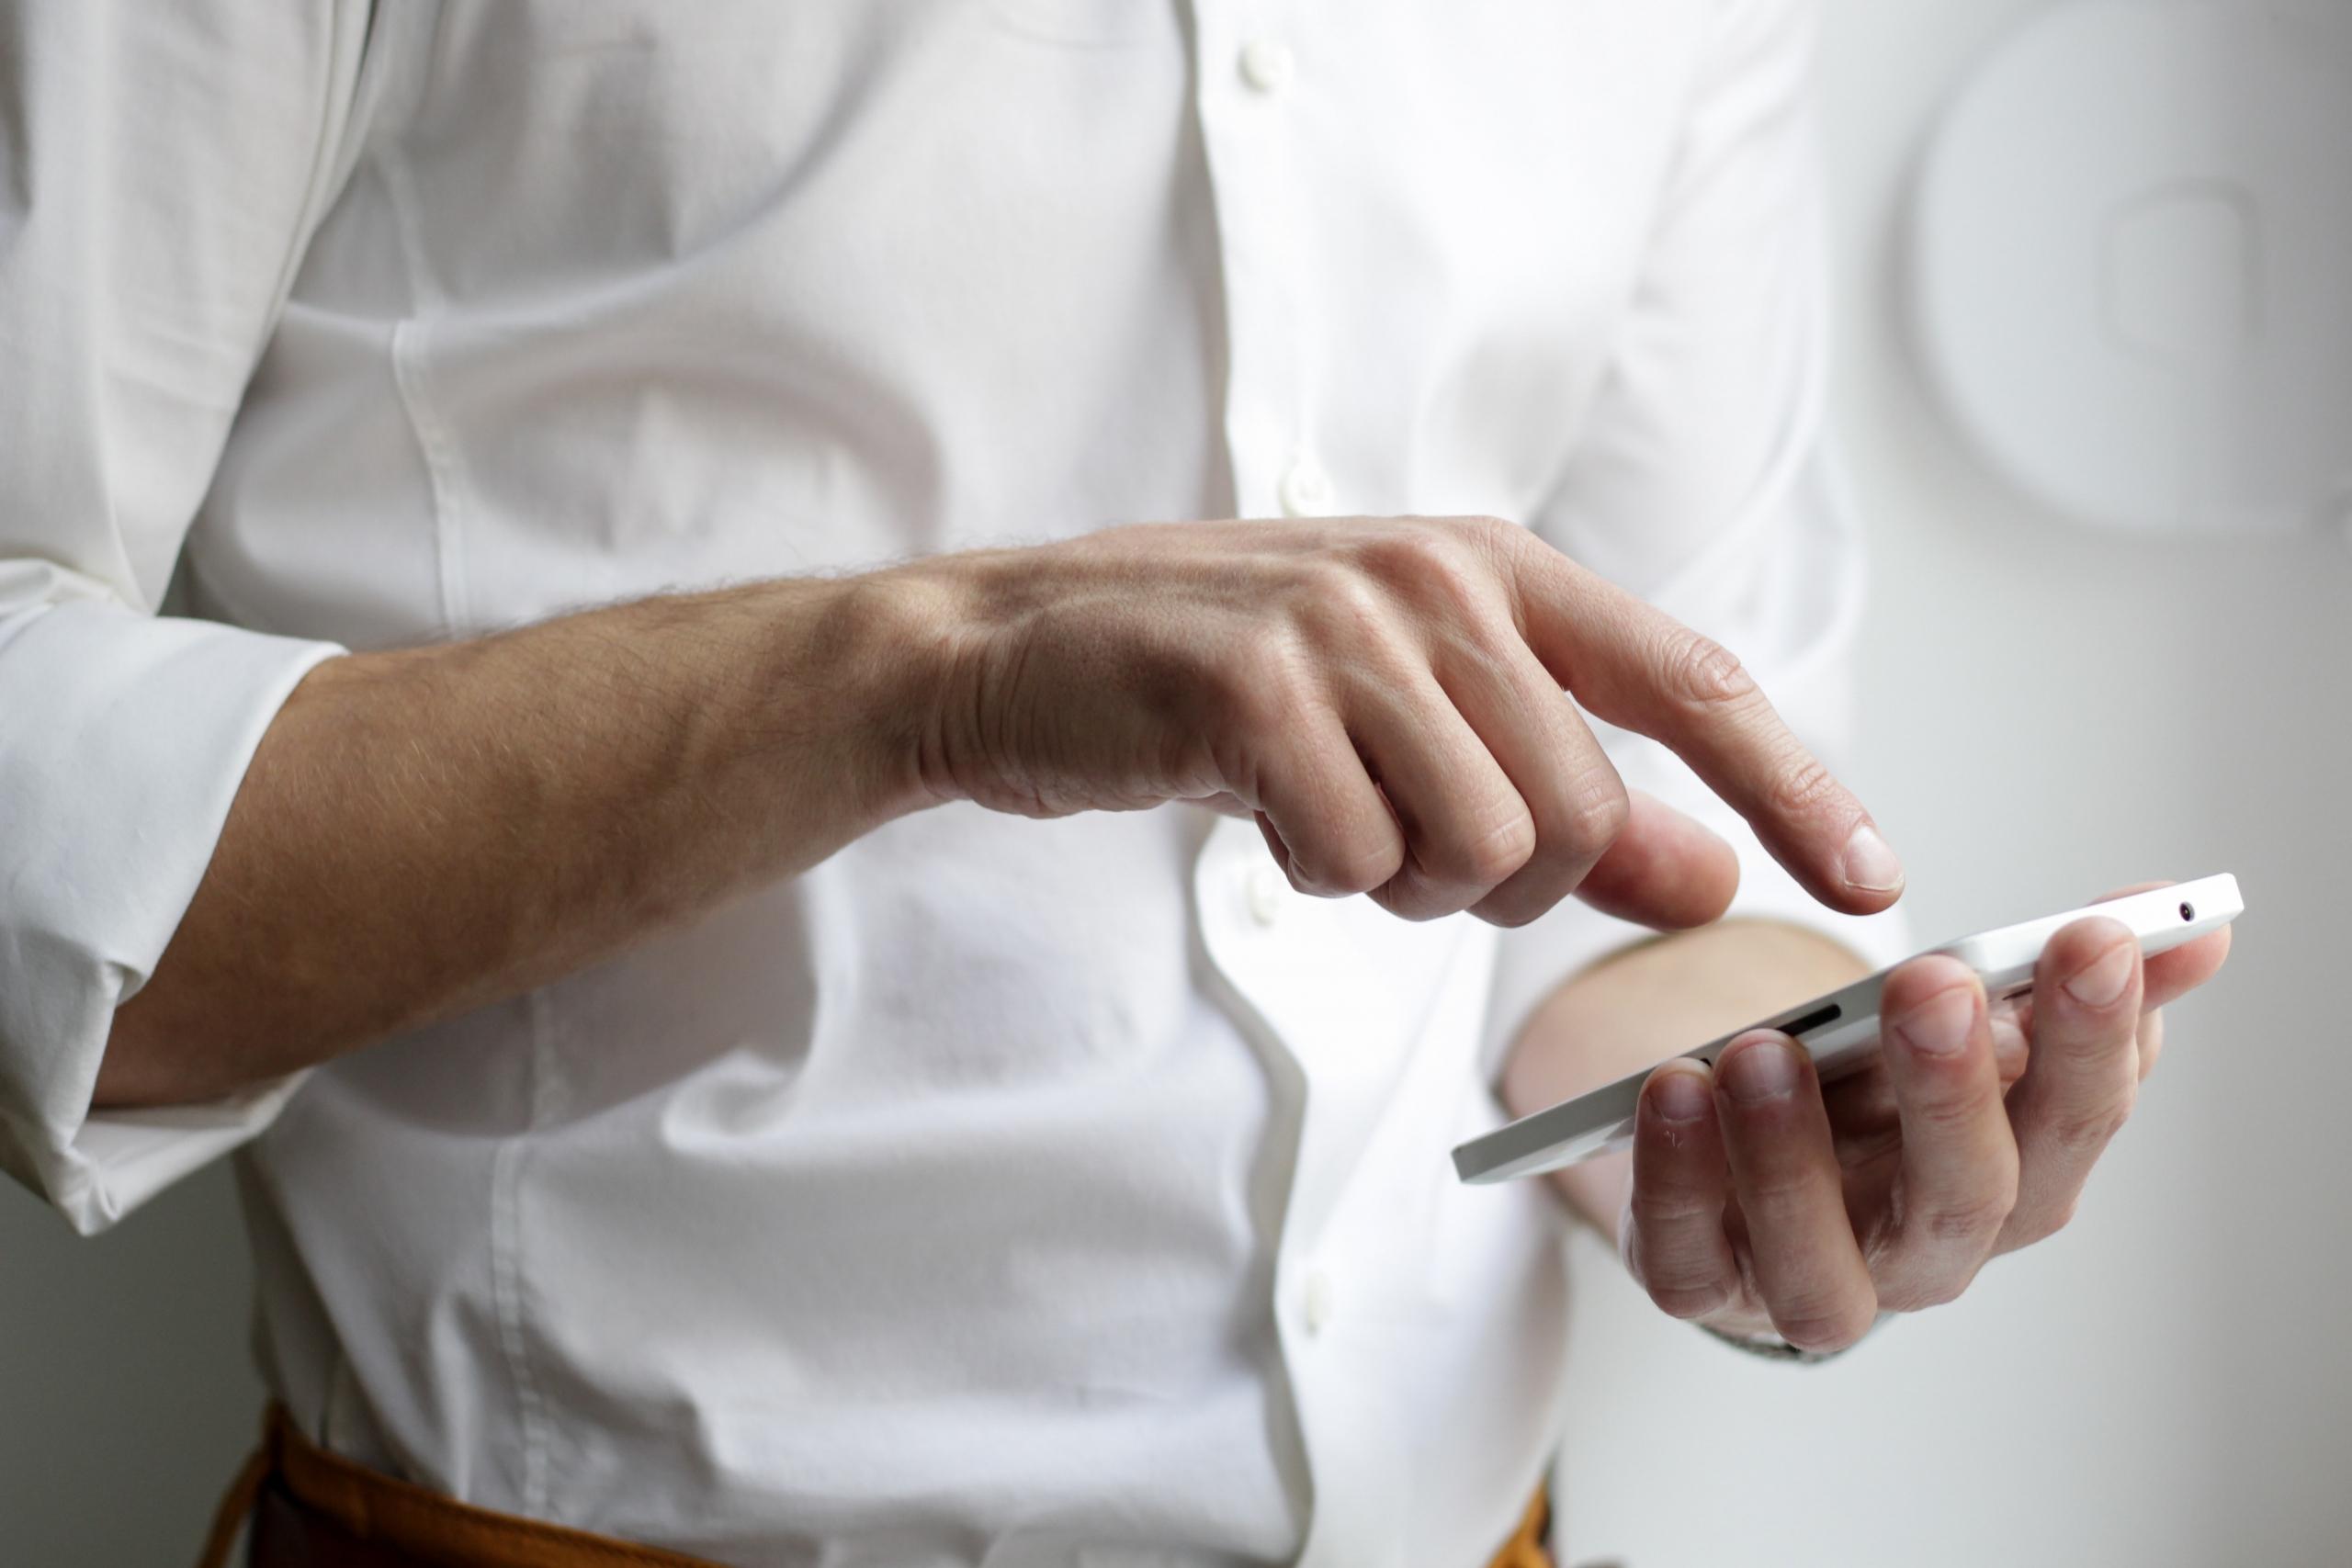 Auch für Feedbackkultur braucht es digitale Tools in der heutigen Arbeitswelt.